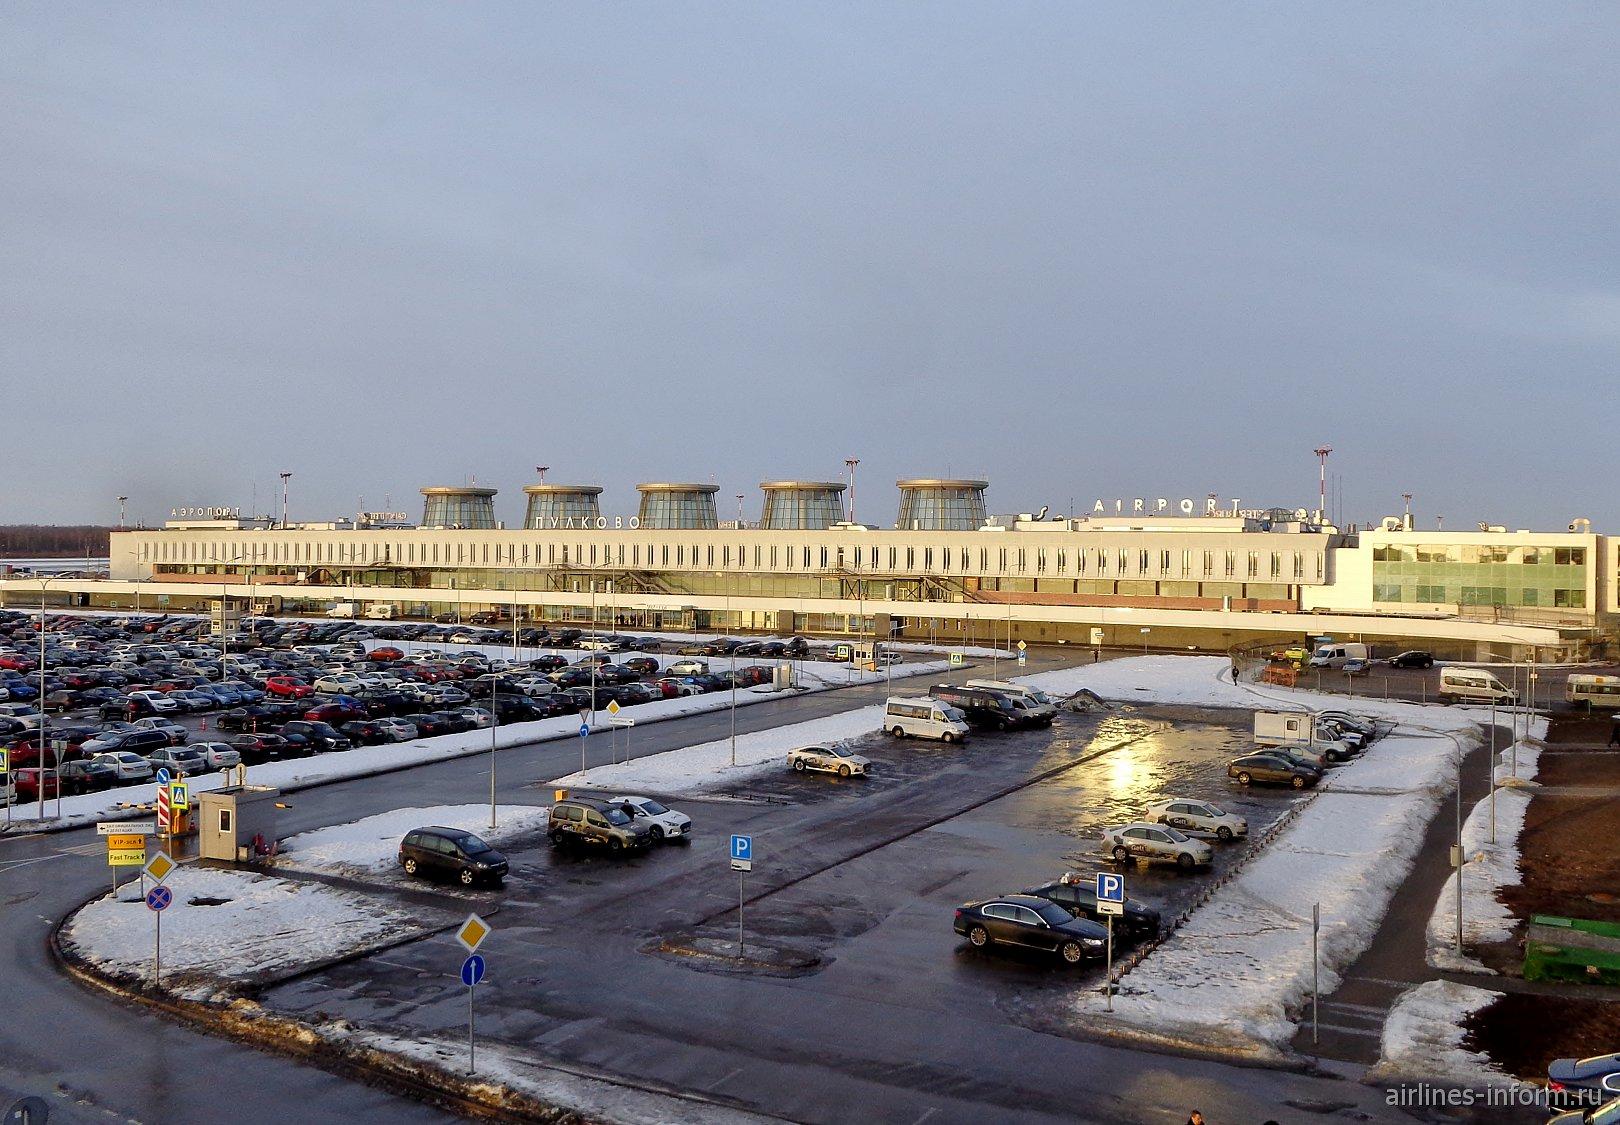 Привокзальная площадь аэропорта Санкт-Петербург Пулково